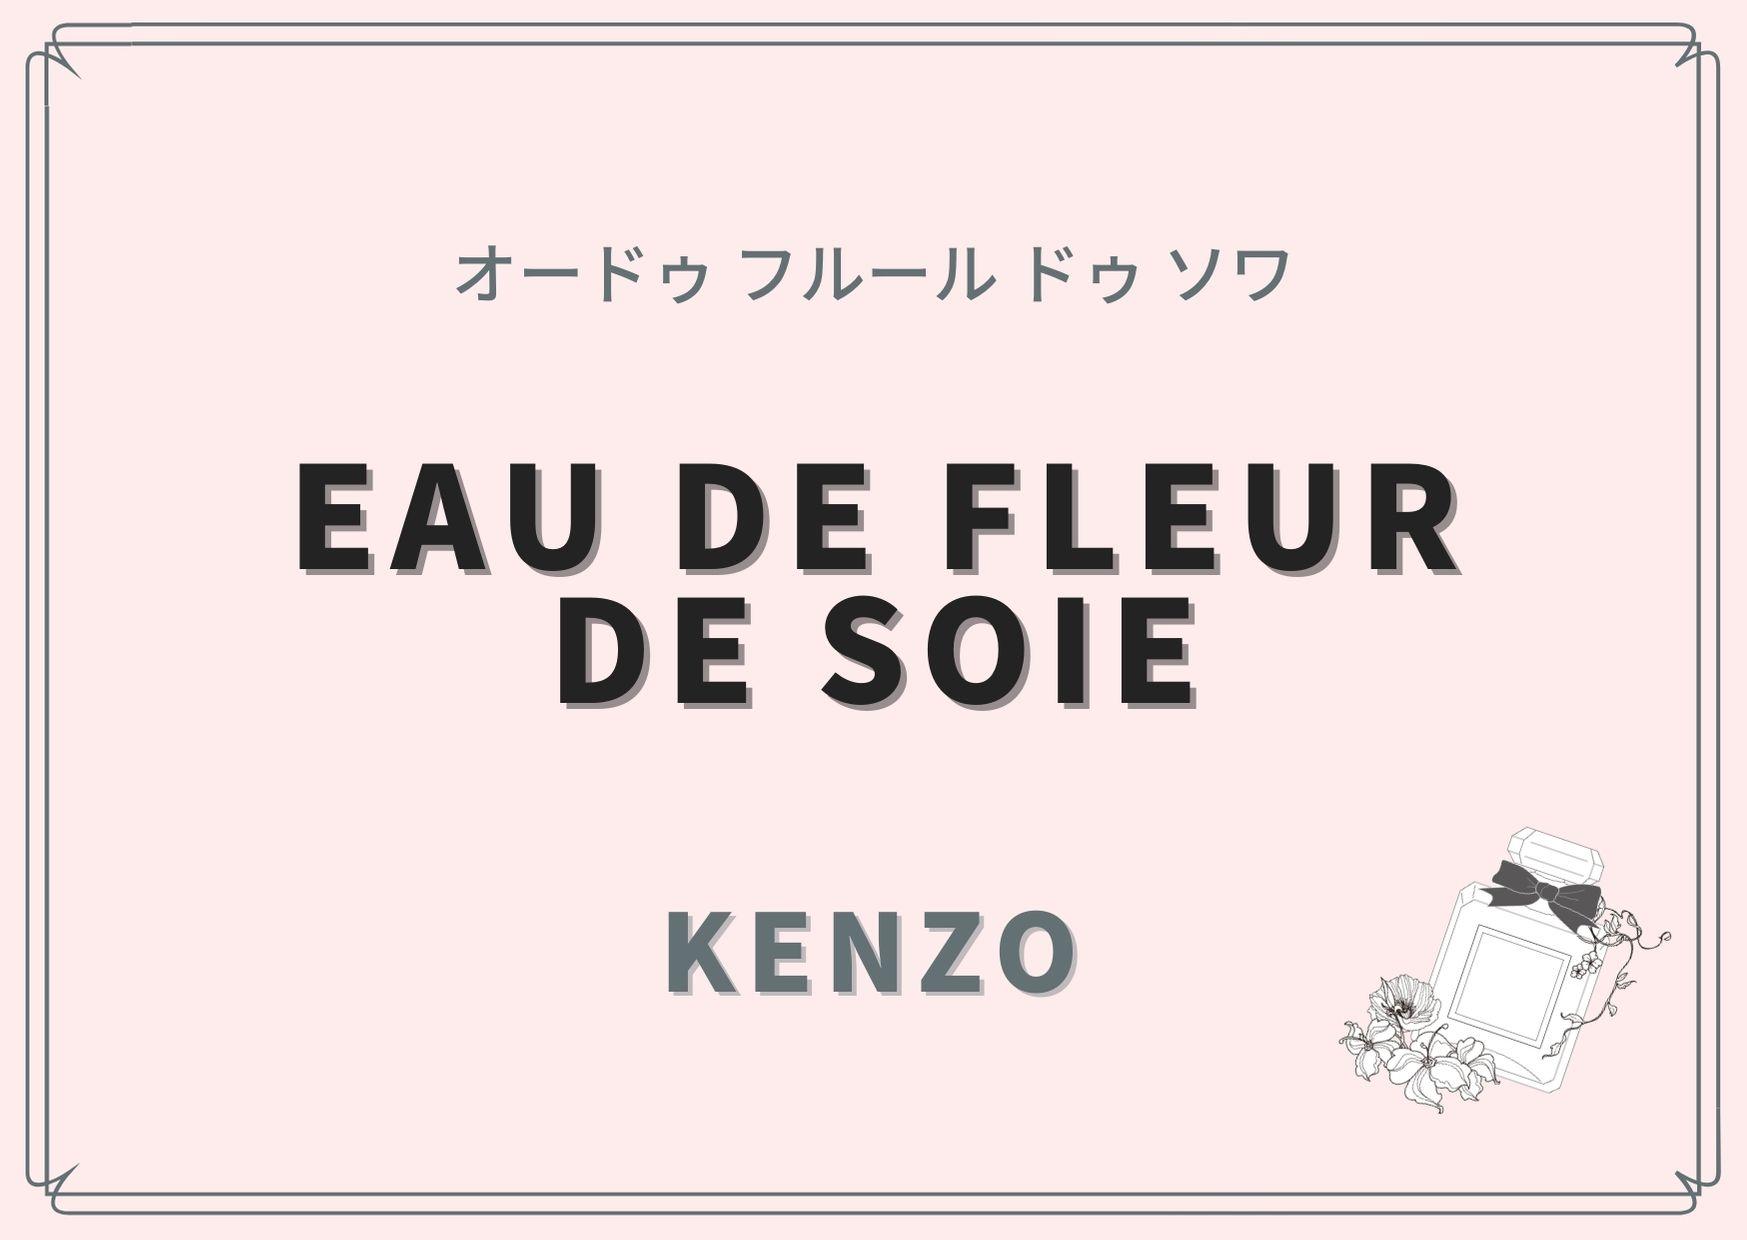 EAU DE FLEUR DE SOIE(オードゥ フルール ドゥ ソワ)/KENZO(ケンゾー)